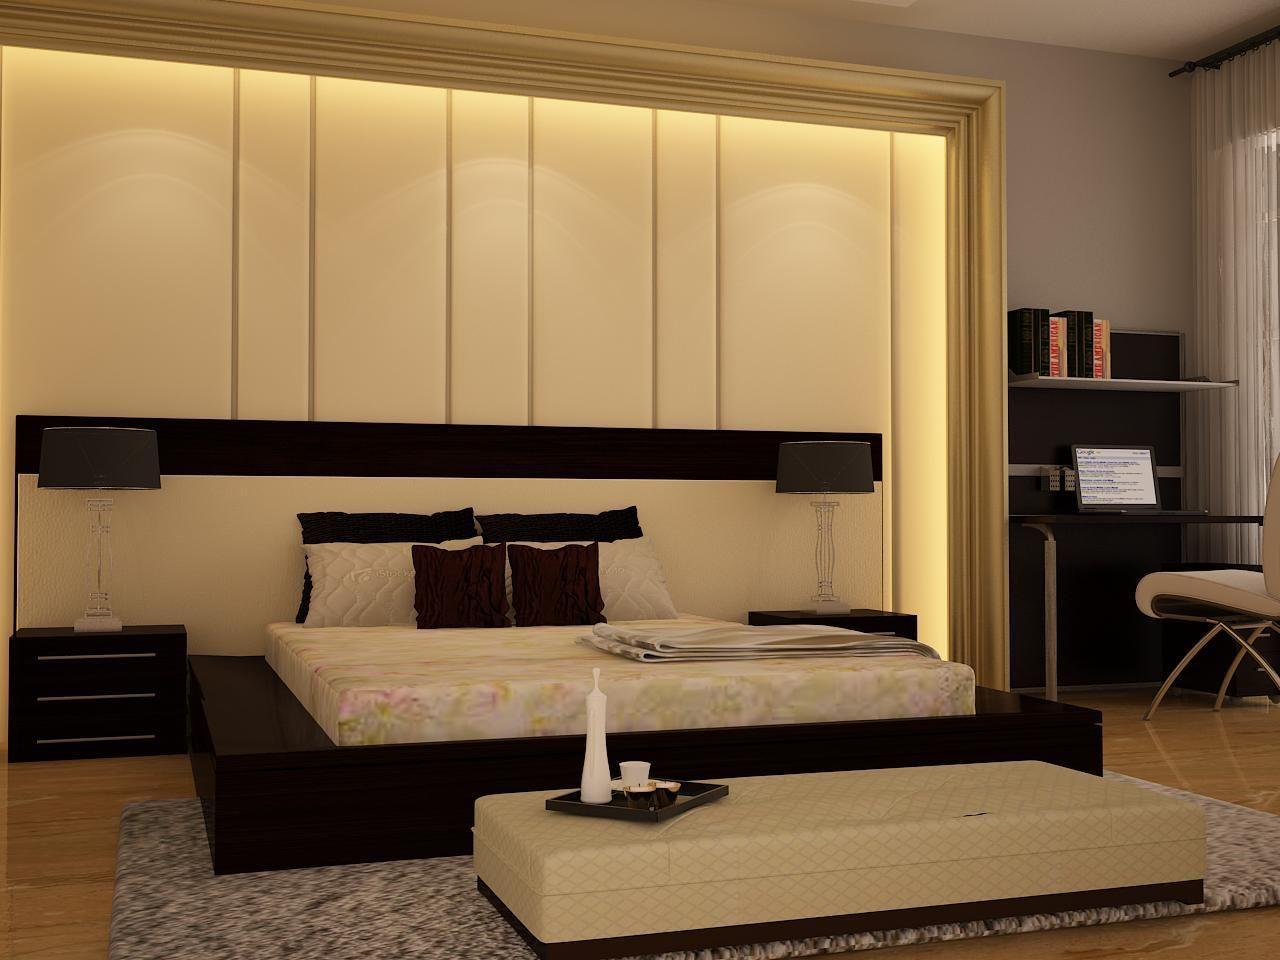 Master Bedroom Bed Back Design Bedroom Design Bedroom